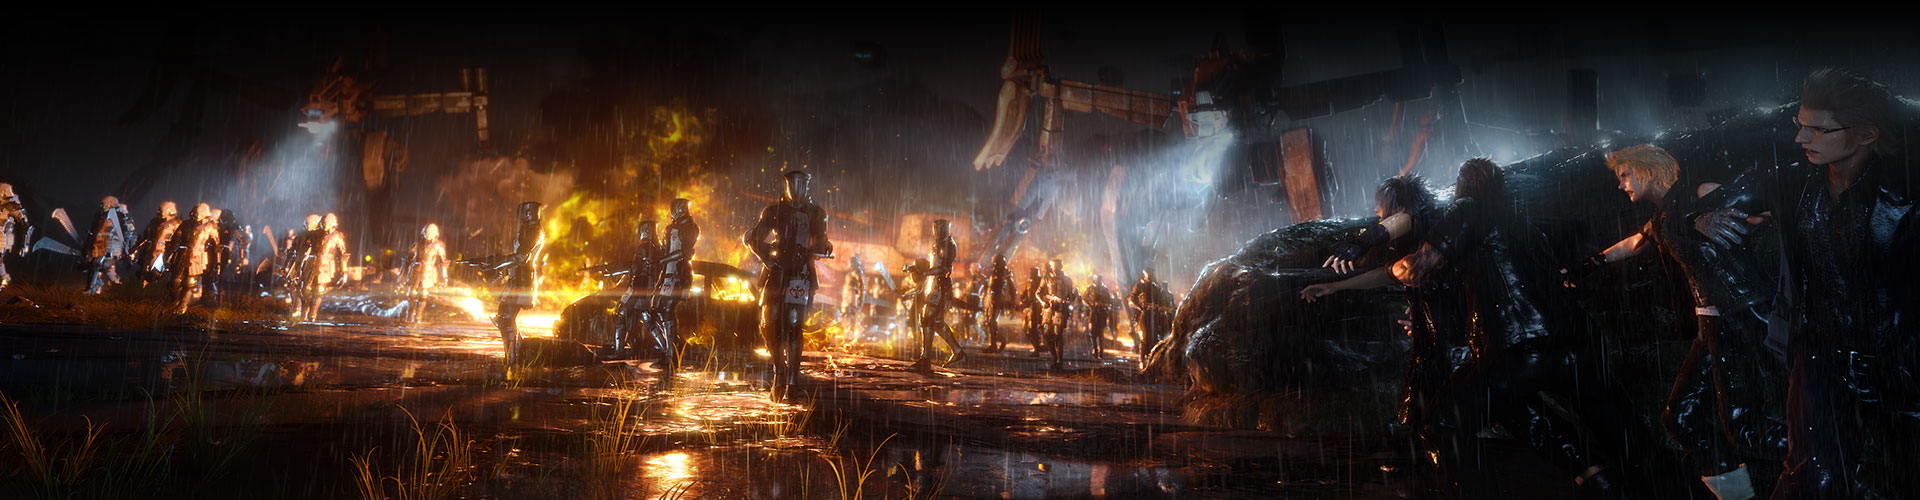 Des personnages se cachent derrière les lignes ennemies, sous la pluie.